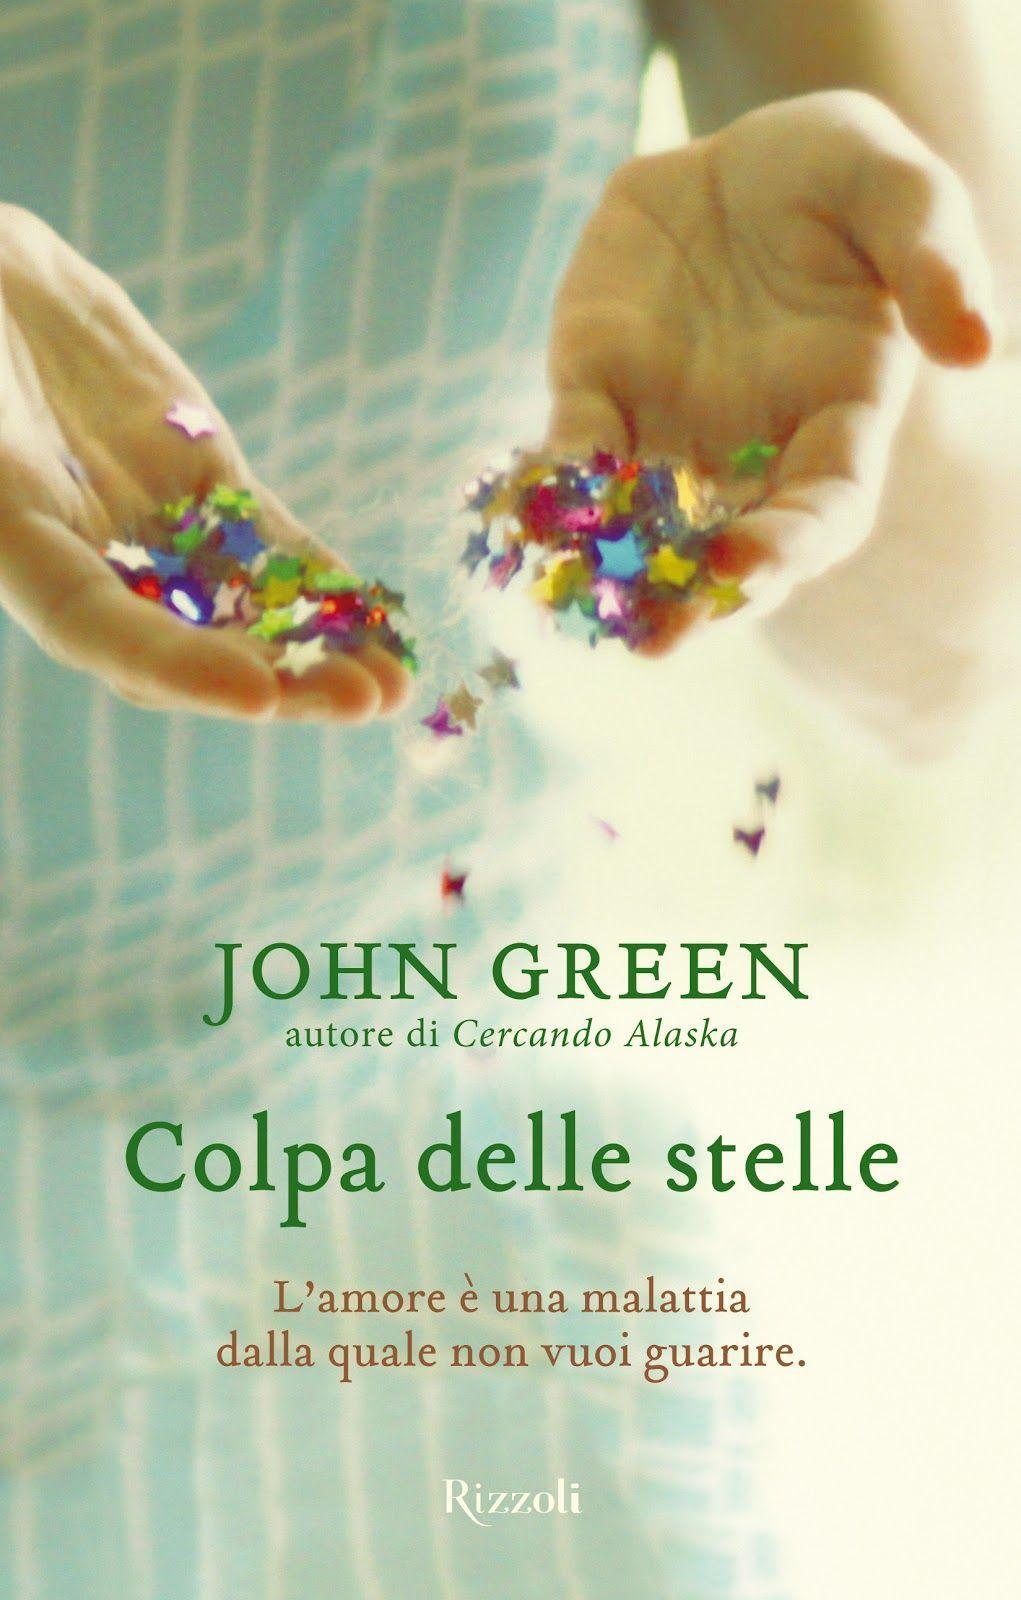 colpa delle stelle green